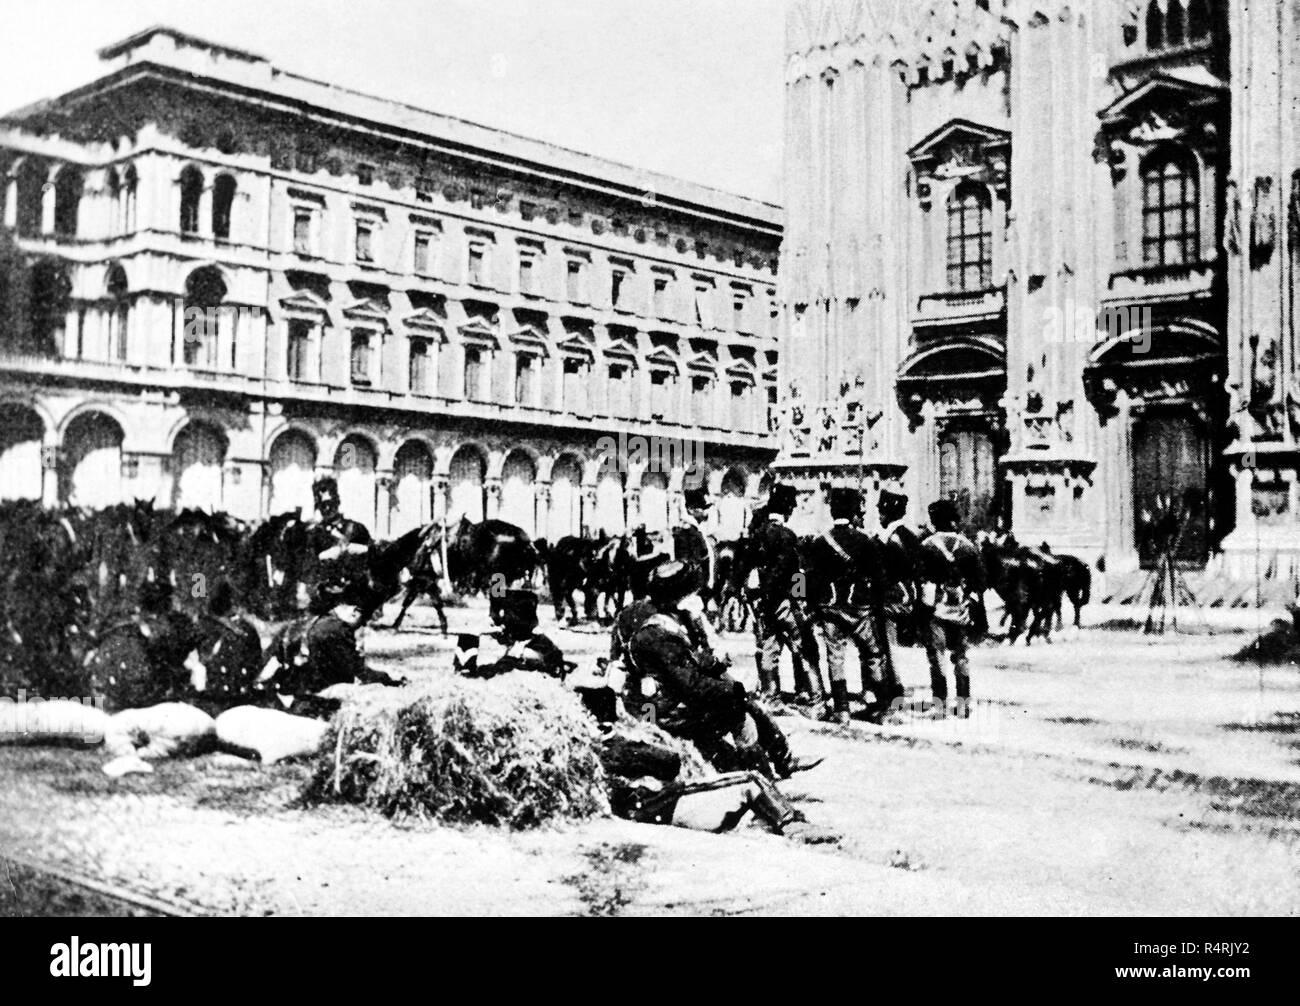 Le truppe del generale Fiorenzo Bava Beccaris di fronte alla cattedrale prima della repressione, Milano, 1898 Immagini Stock